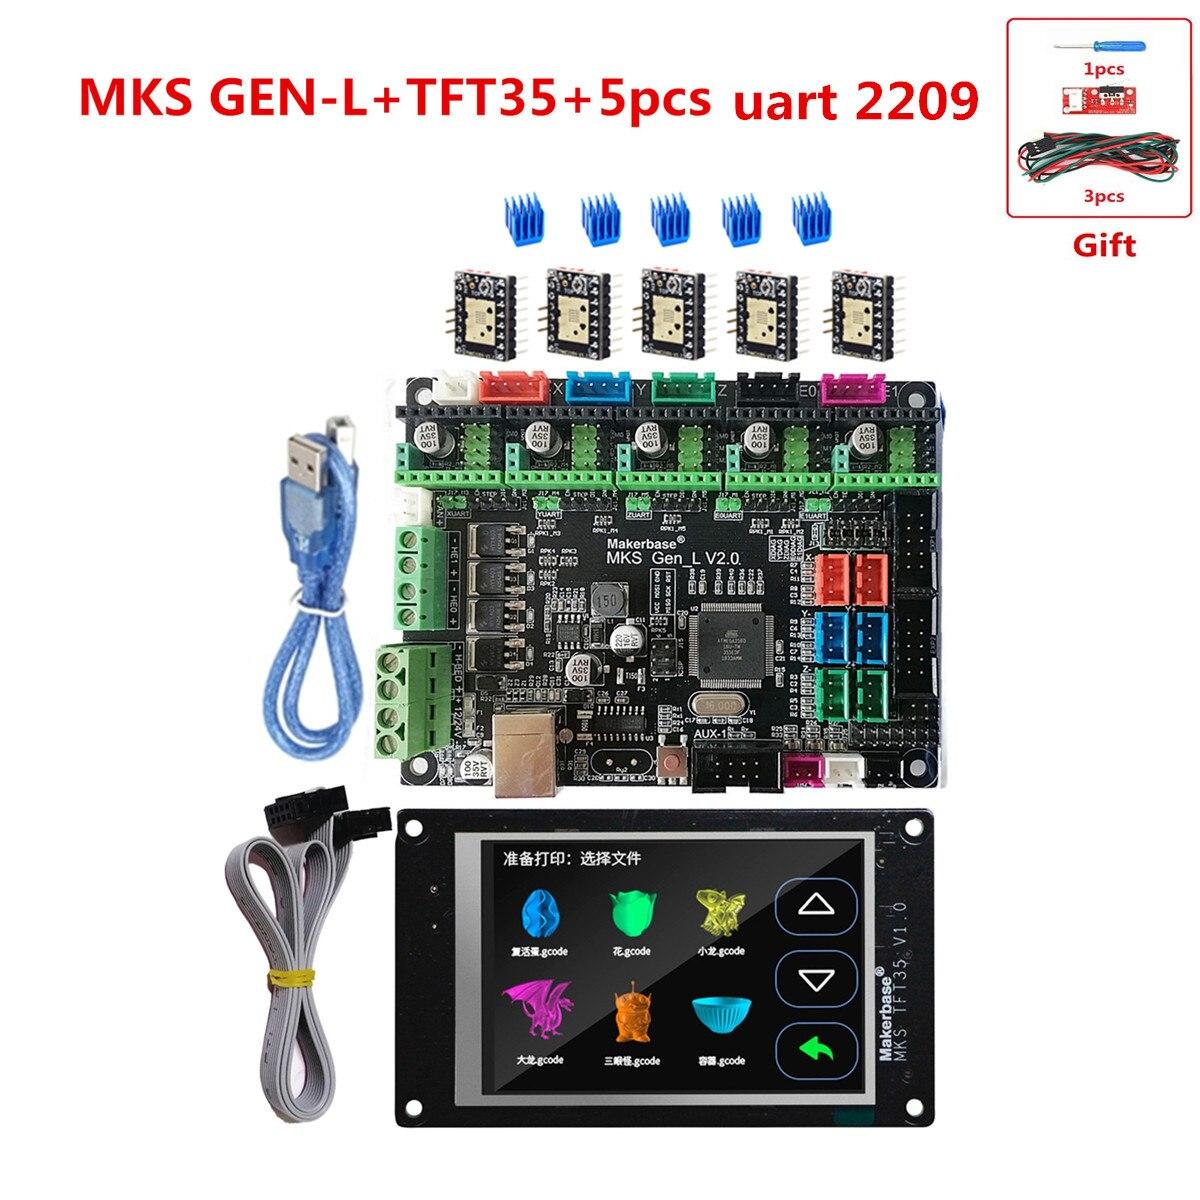 MKS GEN L V2.0 + MKS TFT35 LCD 3D printer accessories support a4988 DRV8825 tmc2100 tmc2208 tmc2130 TMC2209 stepper driver plate